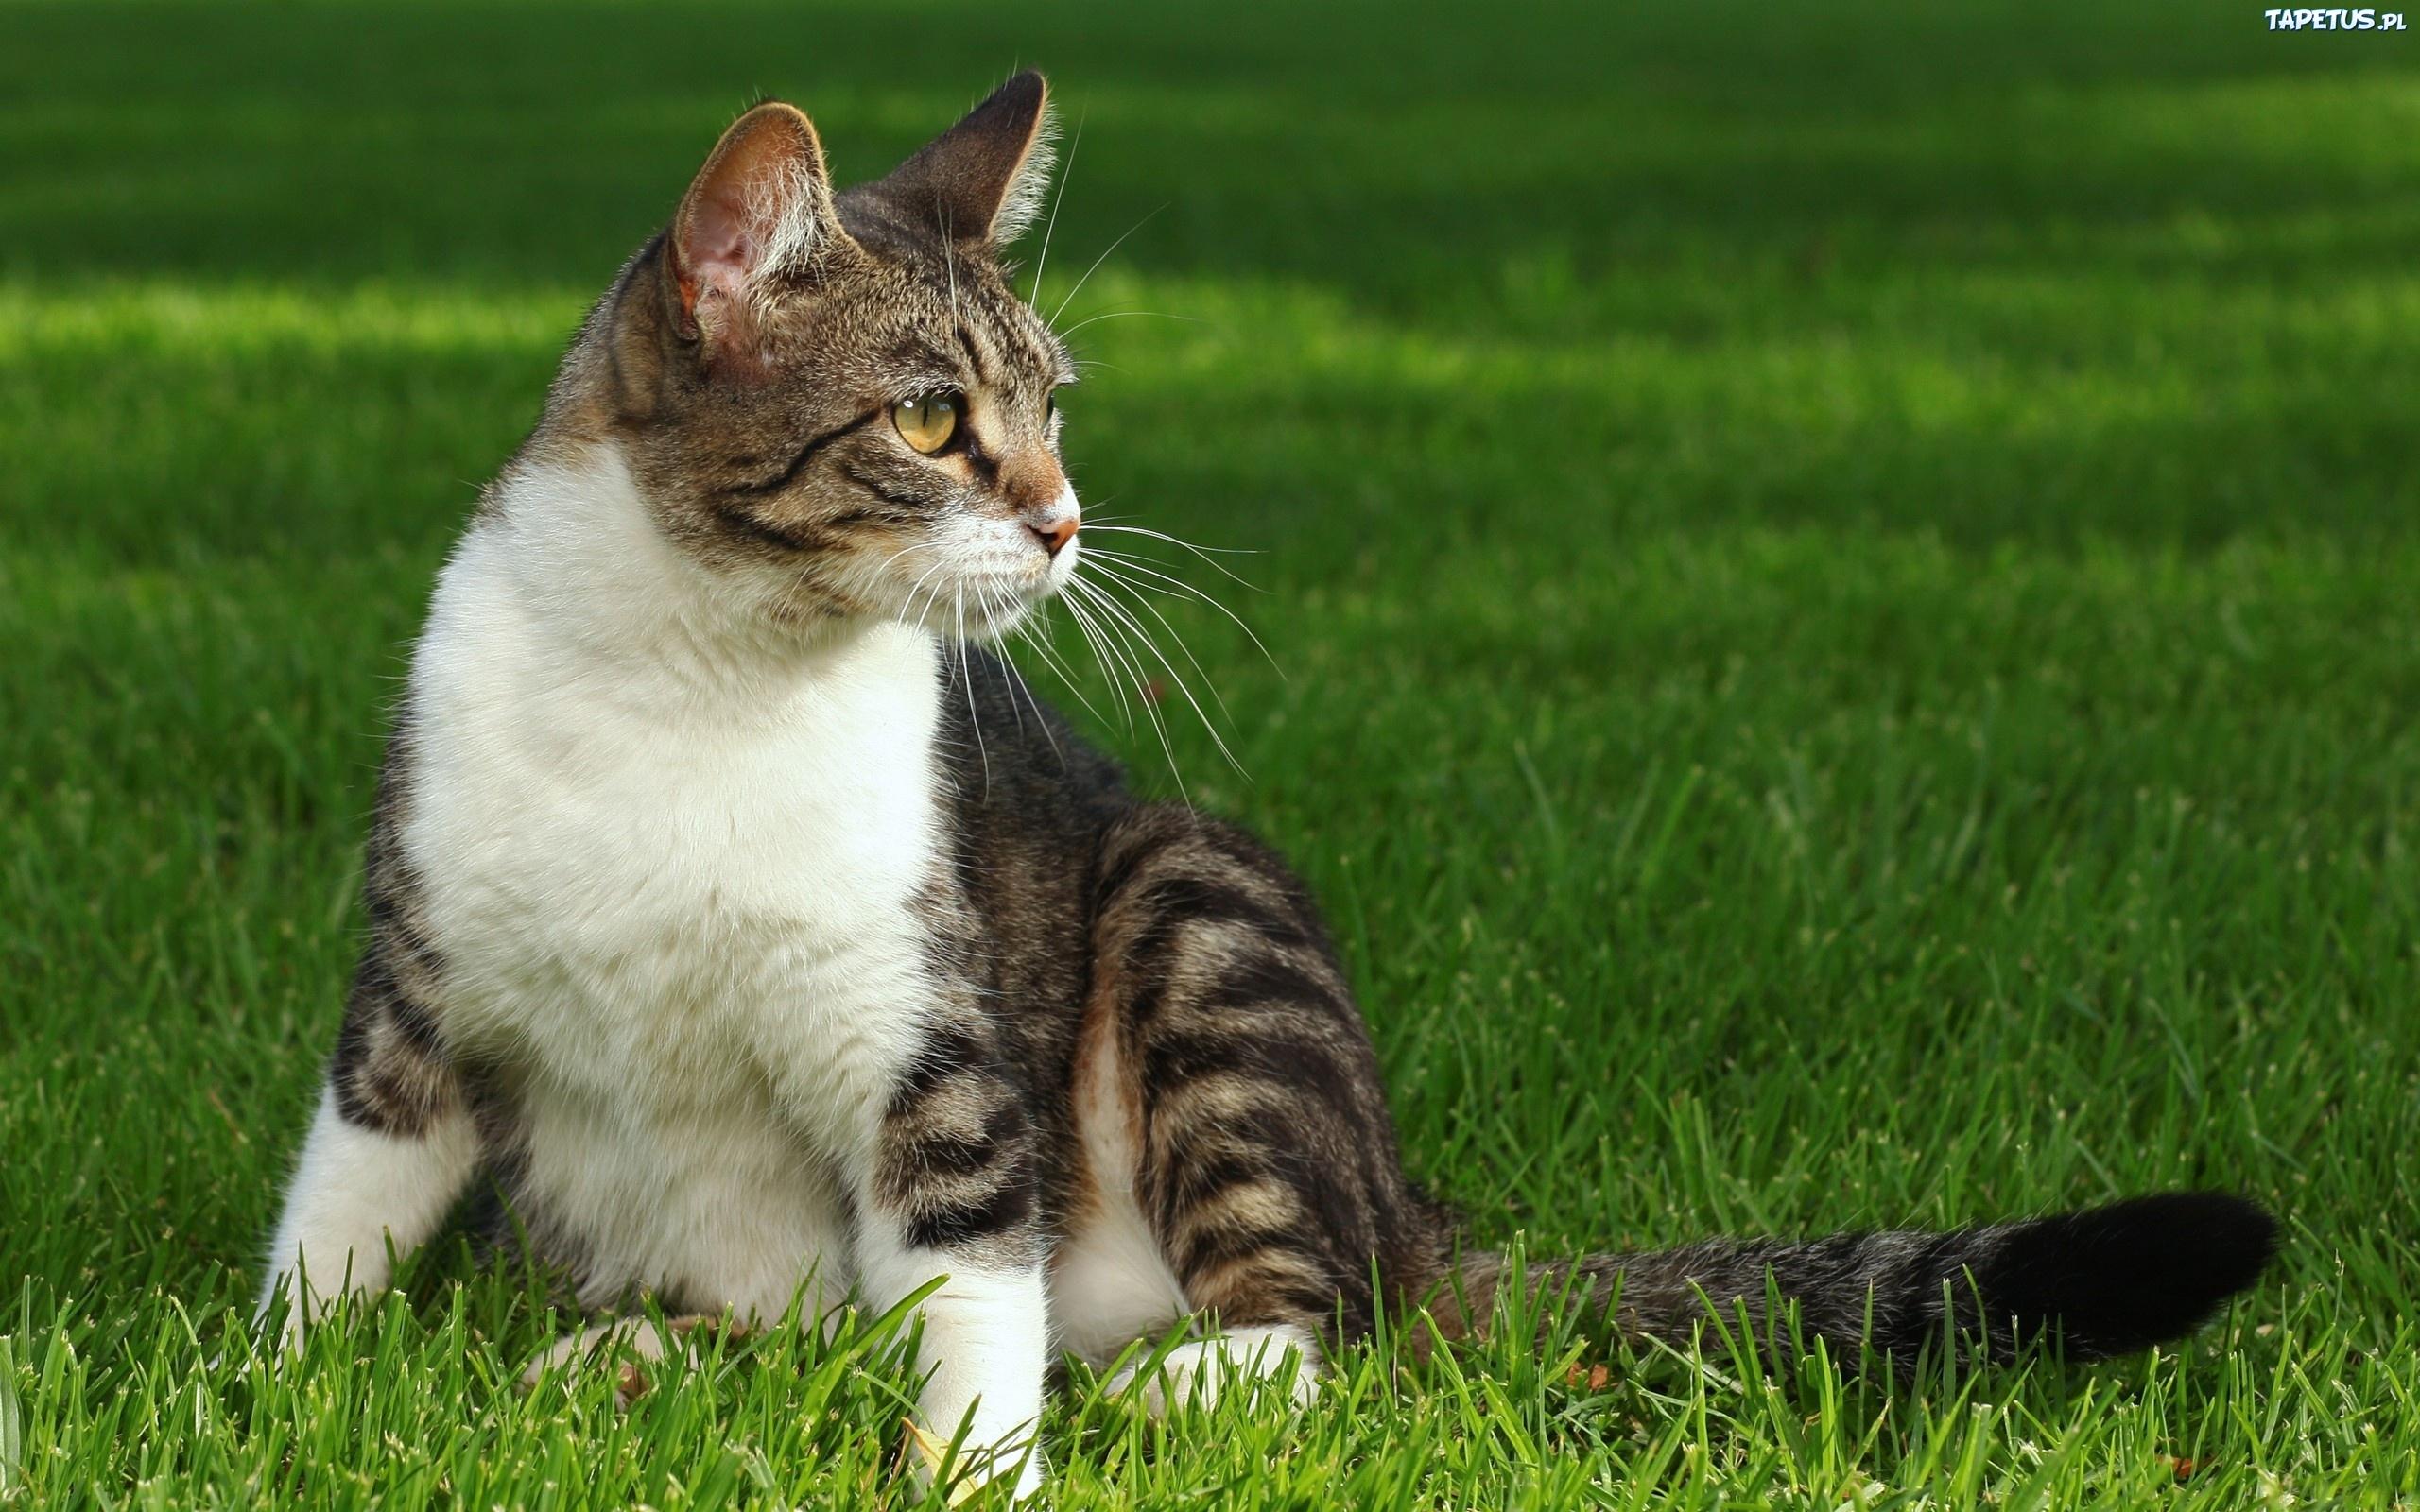 Котенок играющий с кошкой в траве  № 1994898 загрузить